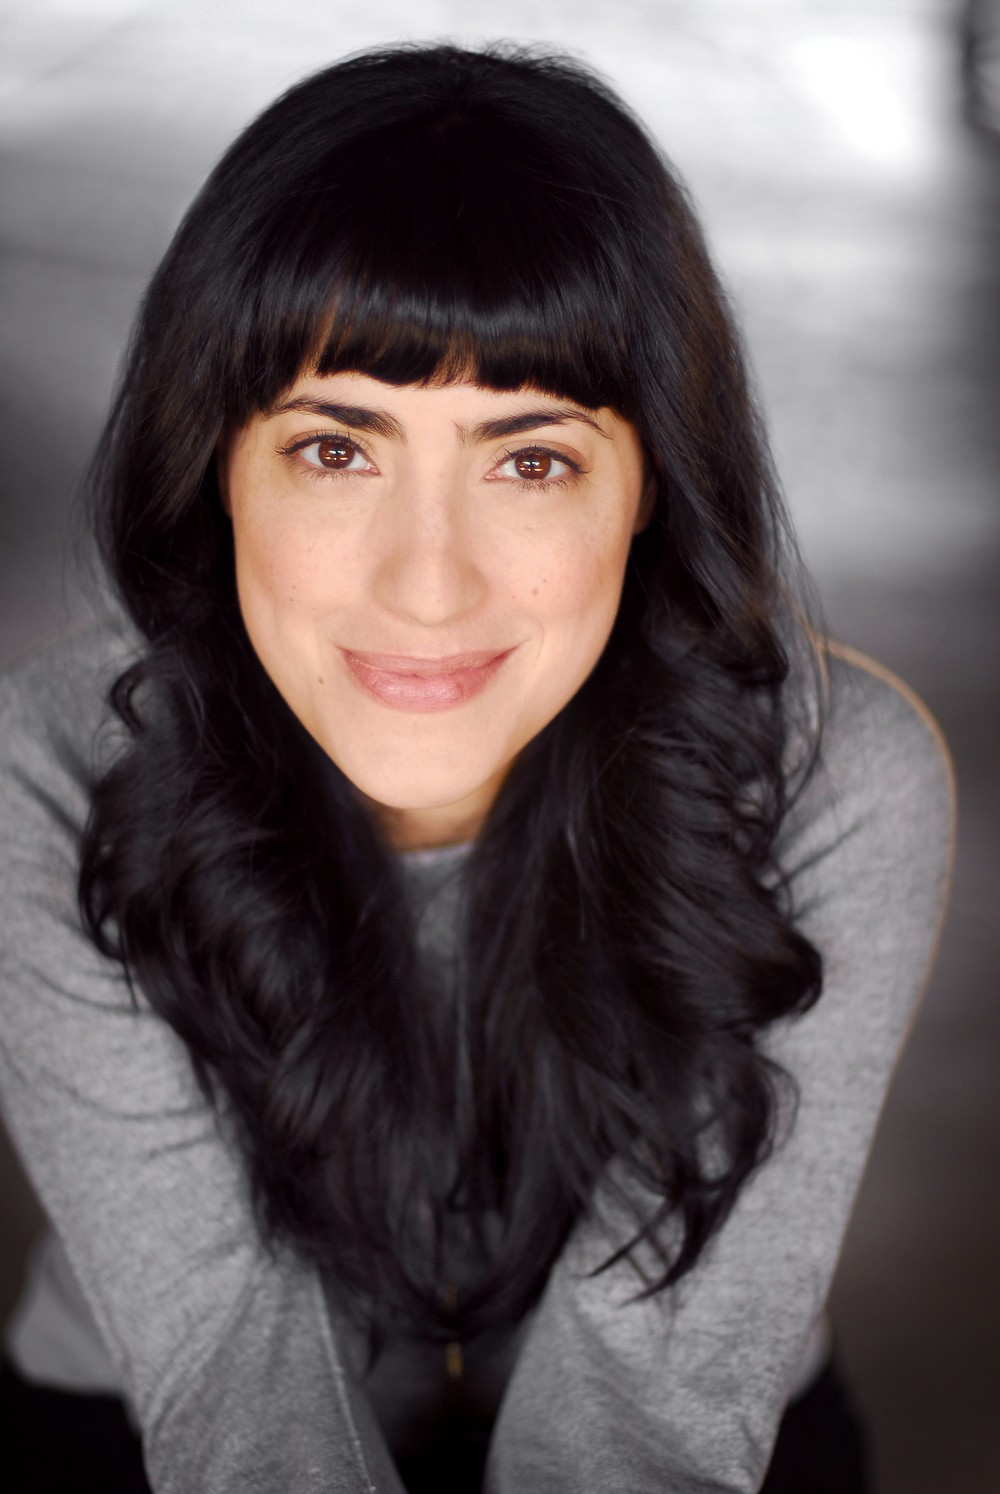 Sarah Greyson